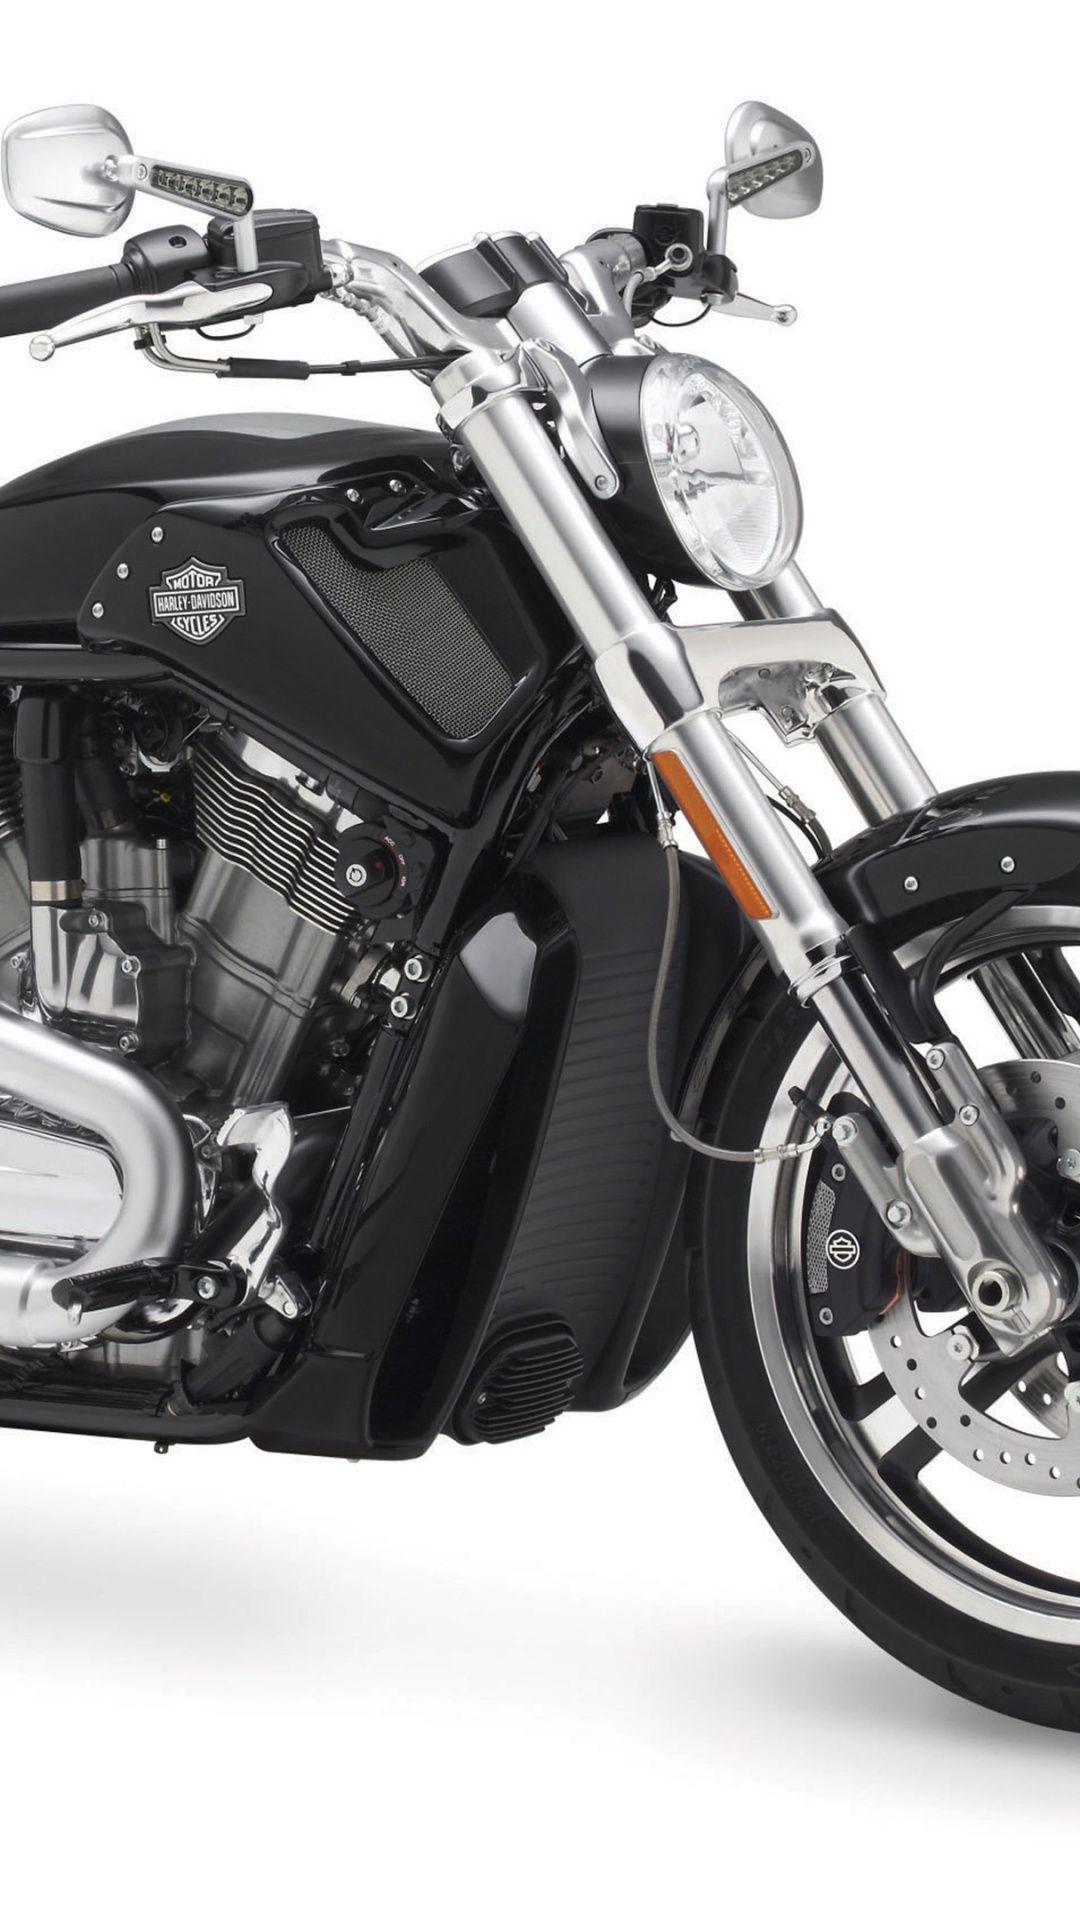 Cruiser, Motorcycle Fairing, Harley Davidson Vrsc, Motorcycle, Triumph Moto